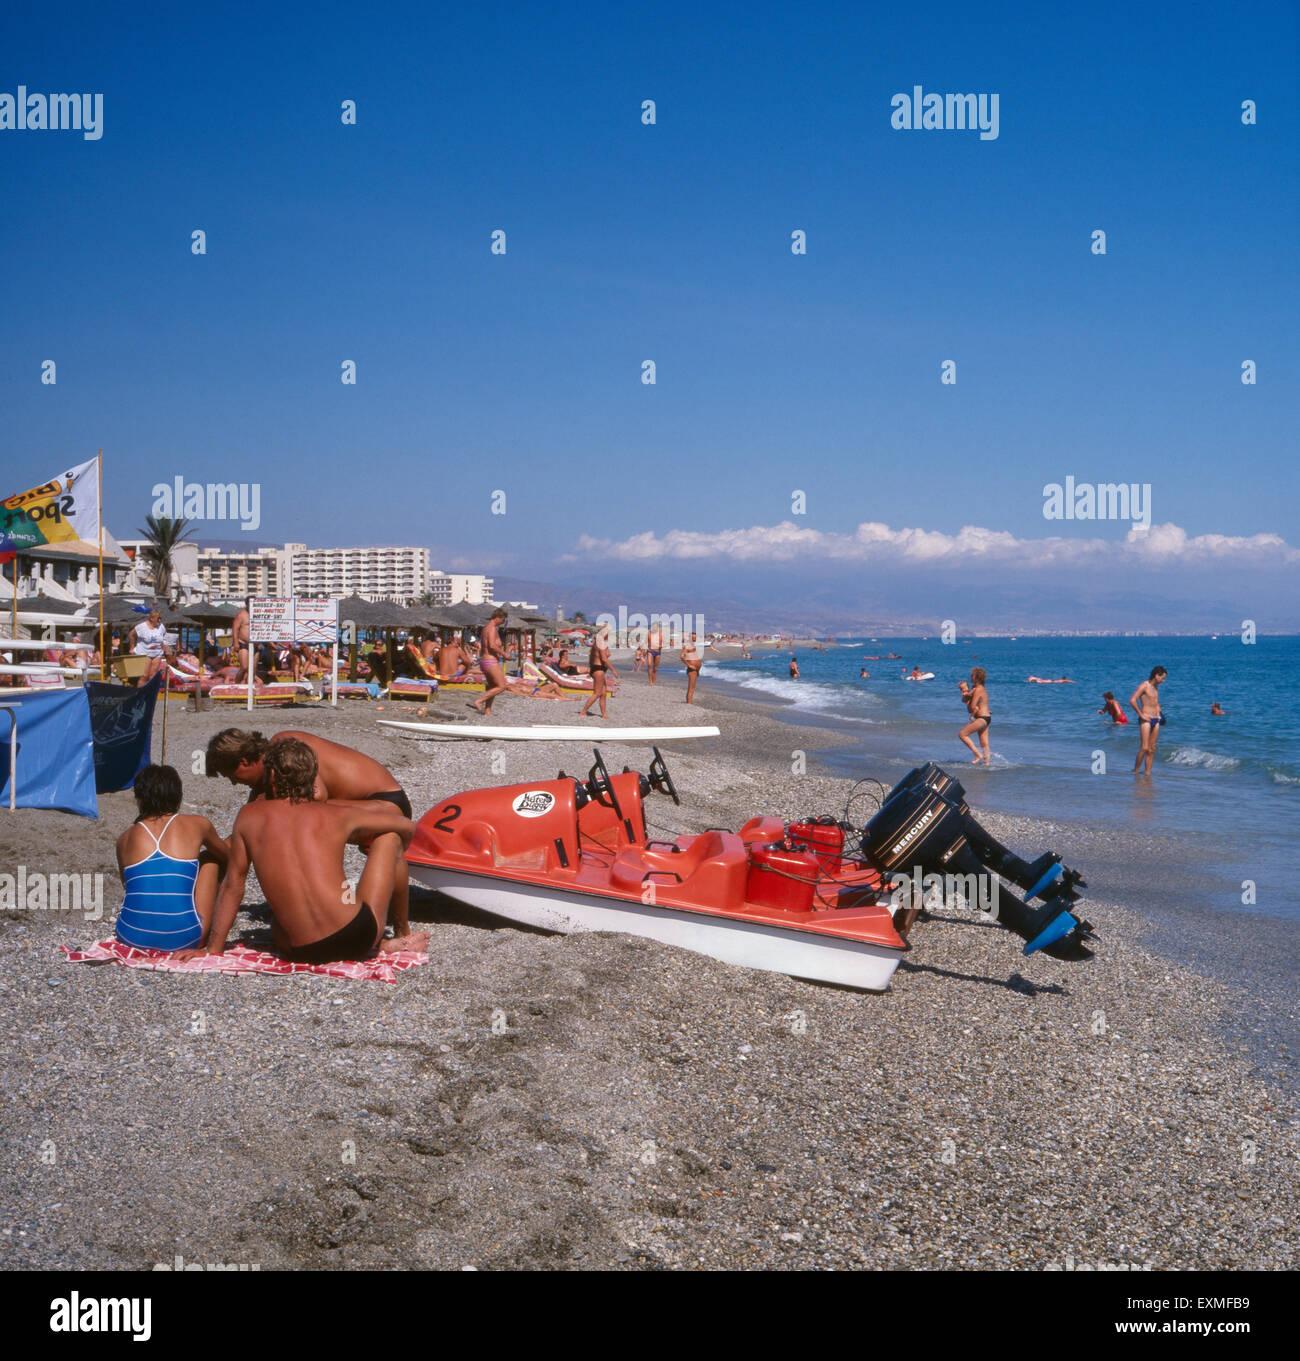 Am strand von hotel playalinda in roquetas de mar for Designhotel am strand